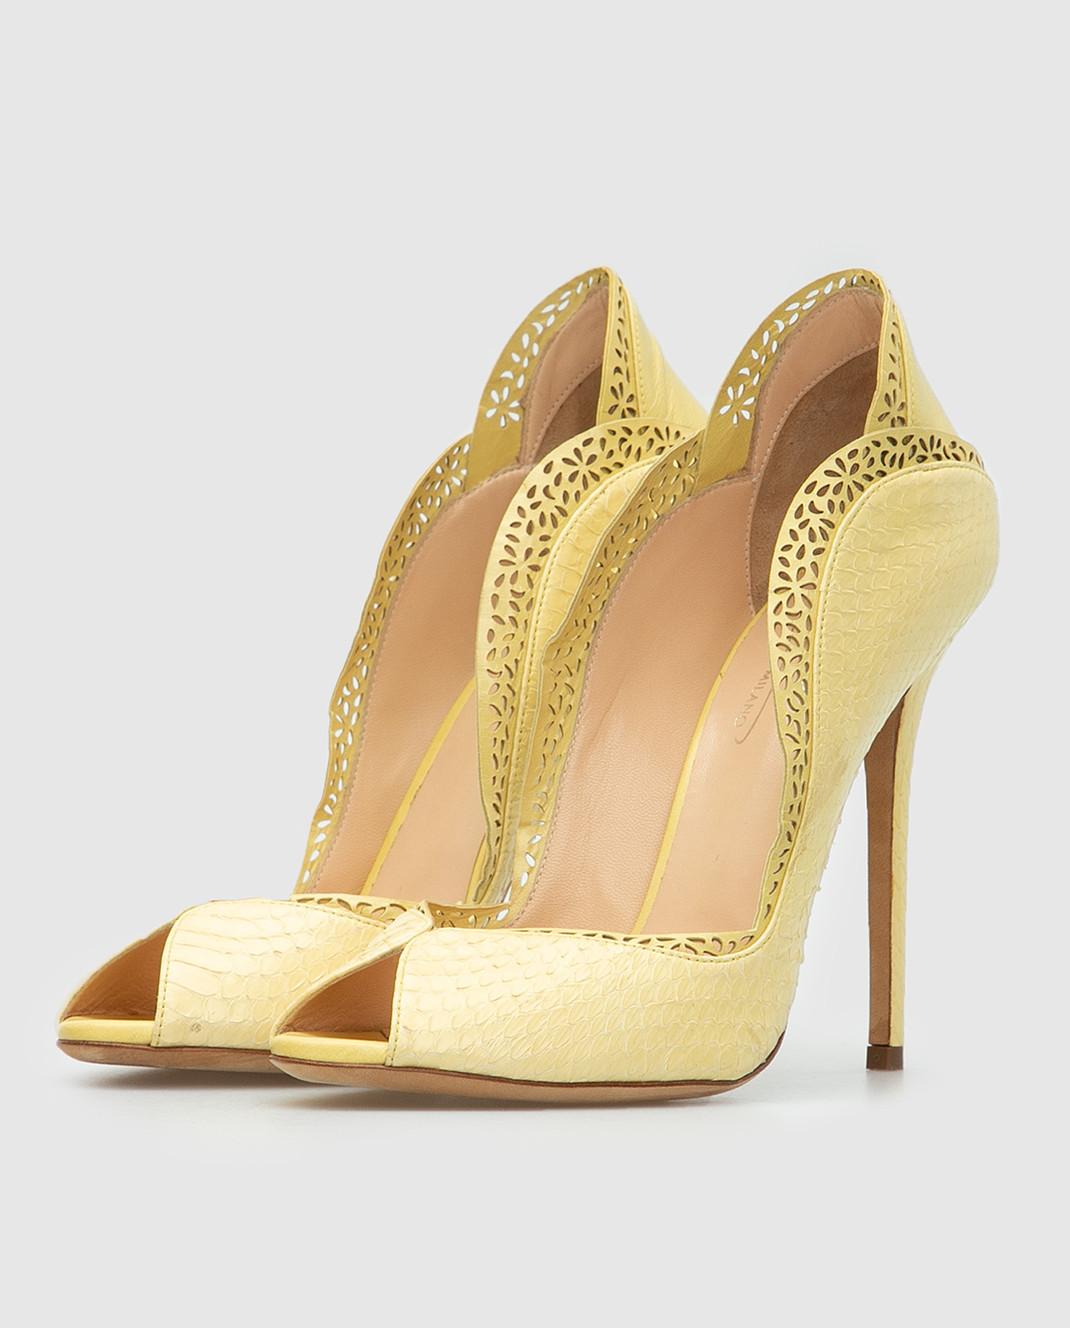 Cerasella Желтые туфли DANAEELAPHE4242 изображение 3